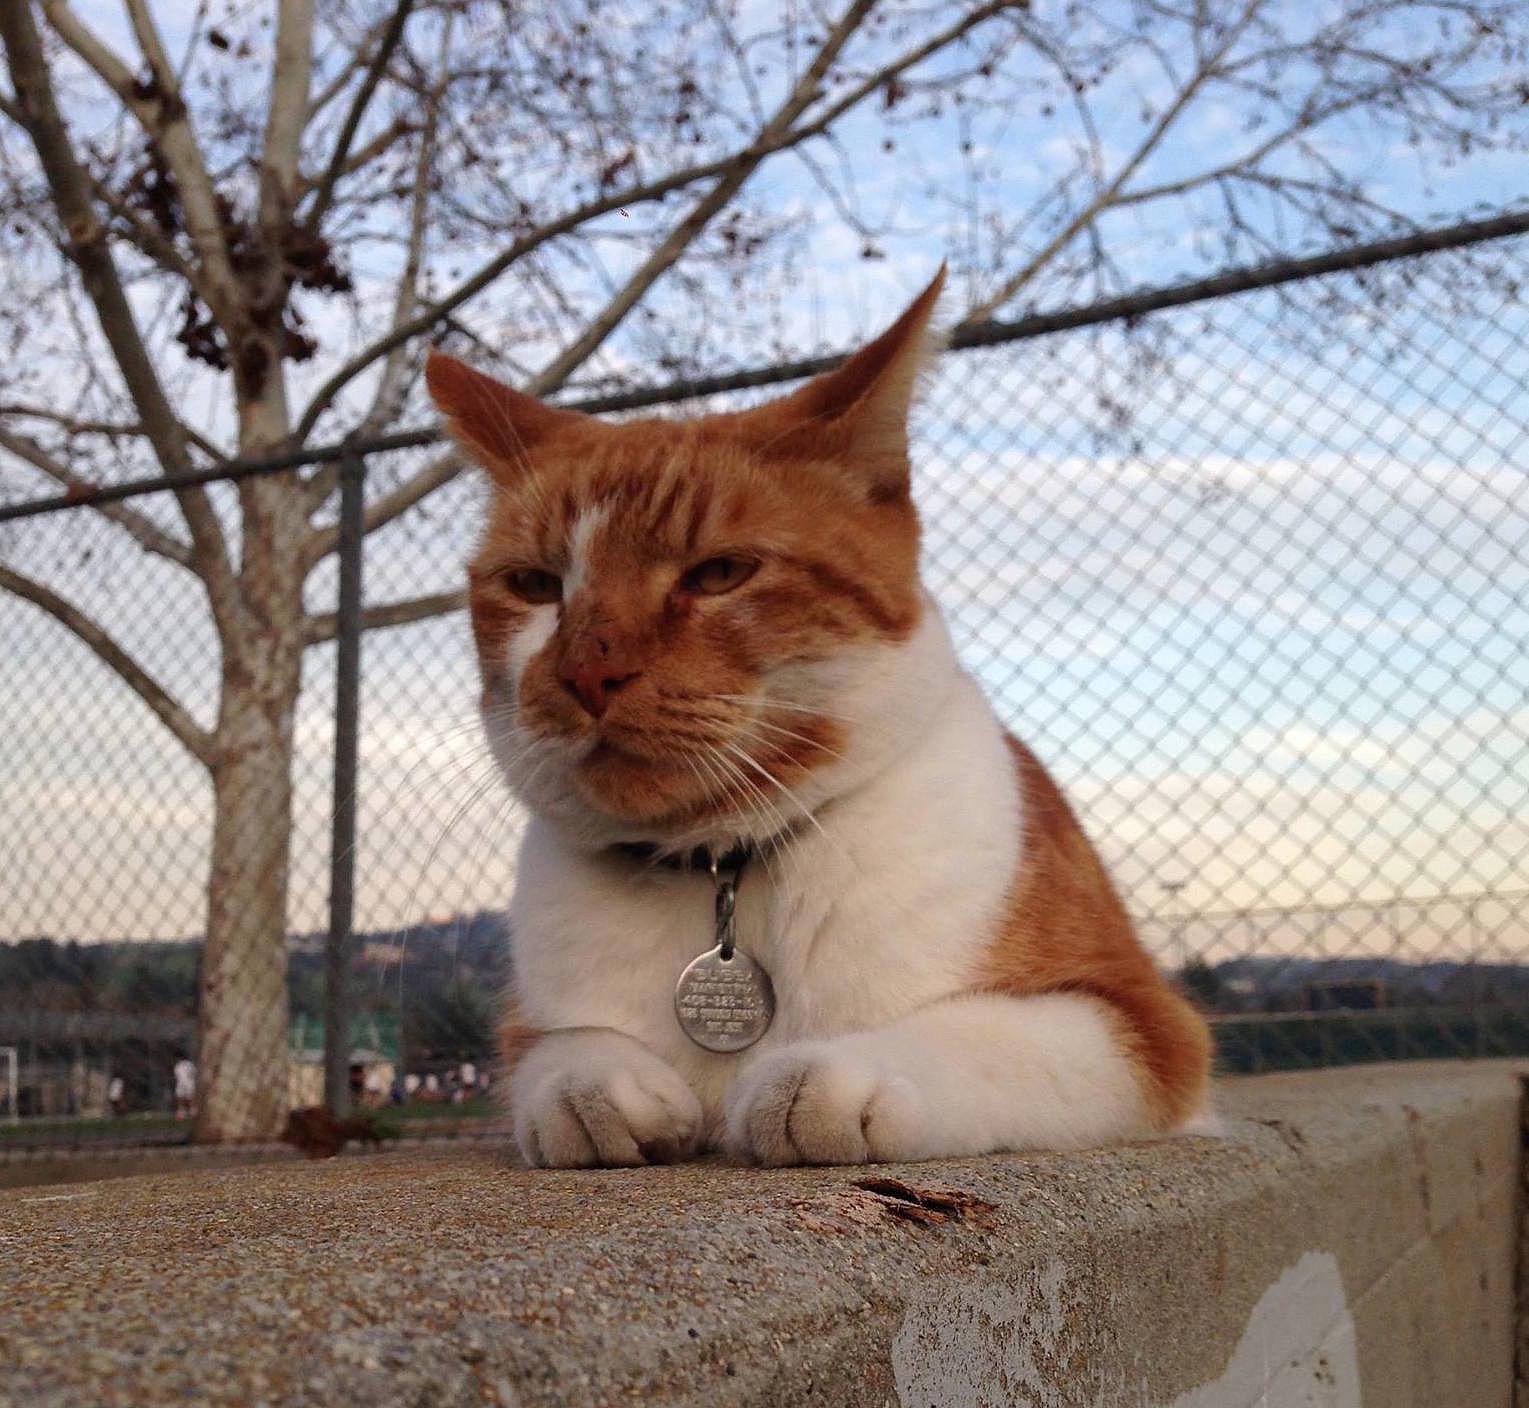 Gato se convirtió en estudiante de universidad. Increible